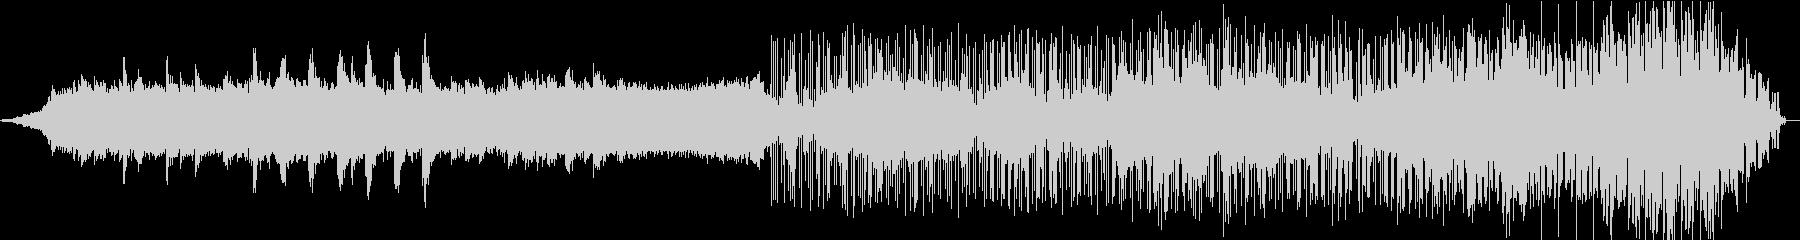 暗いアンビエント、実験的サウンドス...の未再生の波形